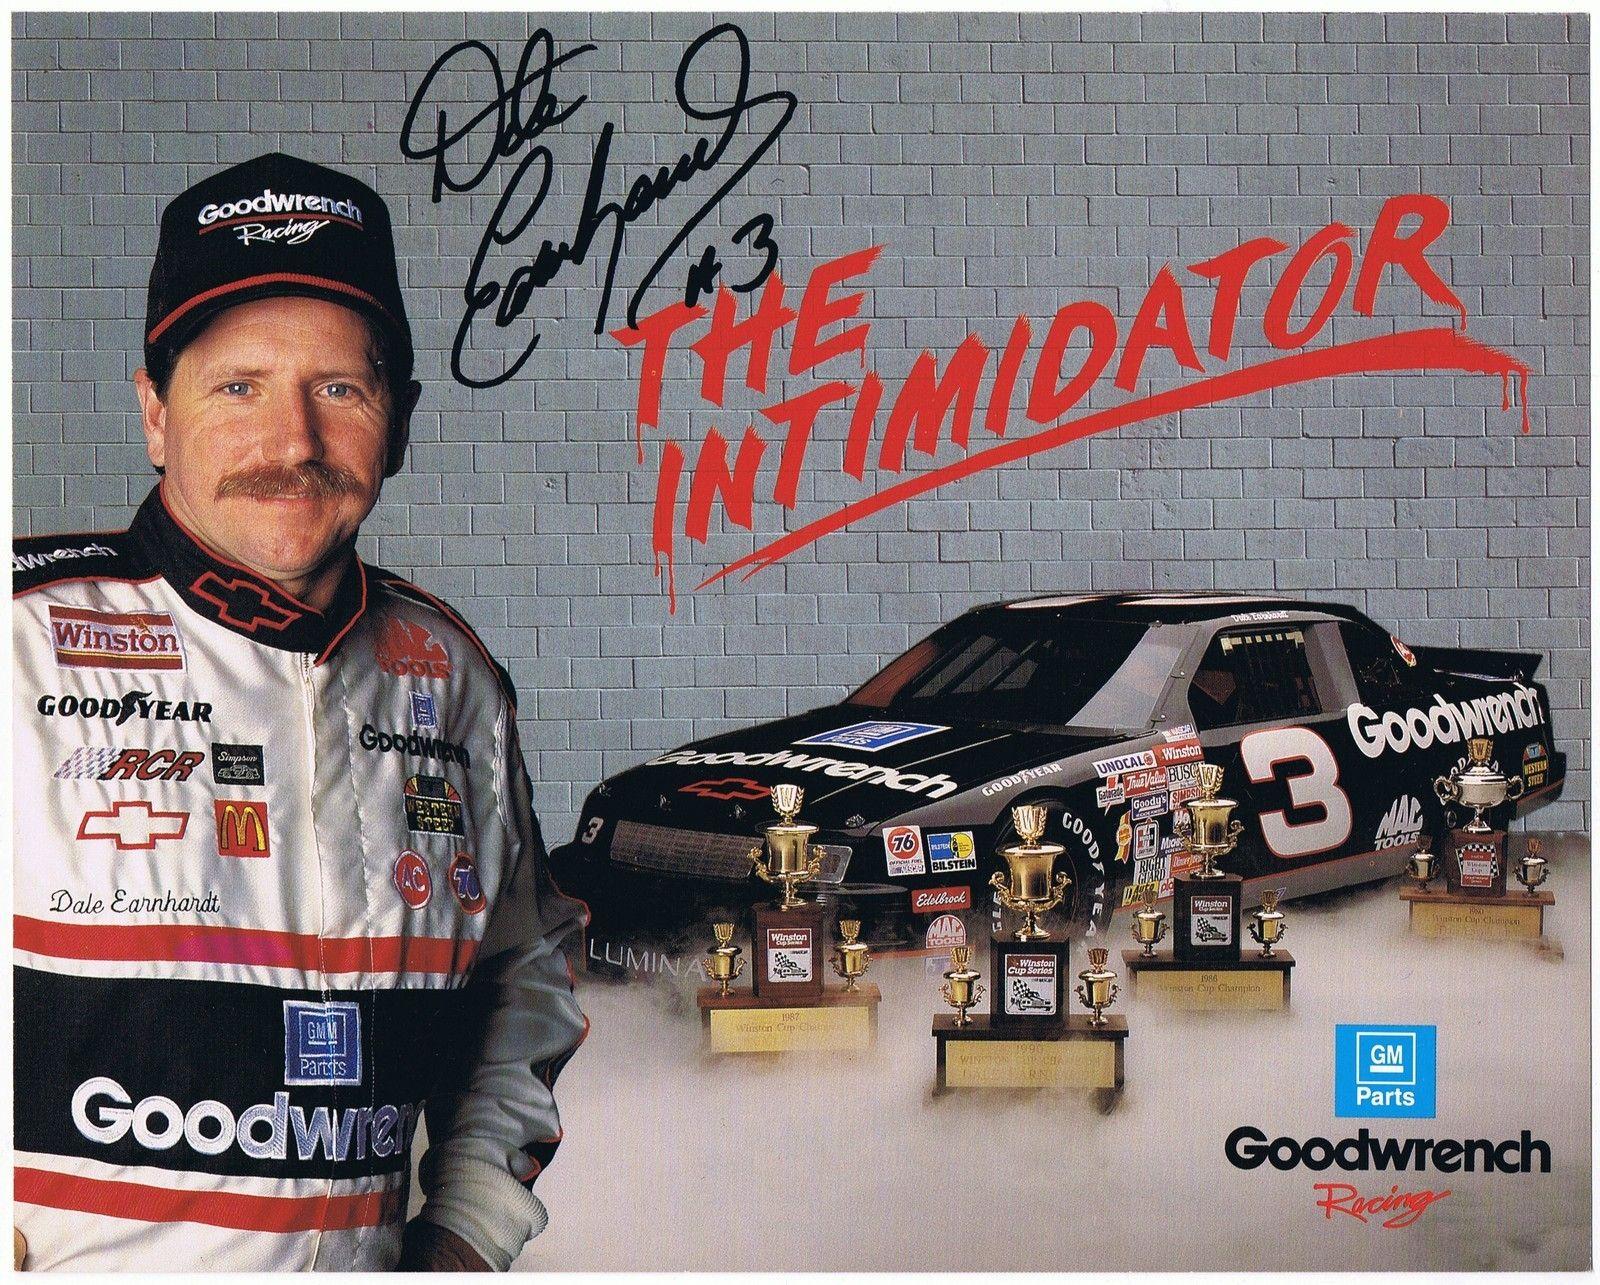 16 Best Dale Earnhardt Sr 3 Images On Pinterest: Signed Dale Earnhardt Sr The Intimidator GM Goodwrench